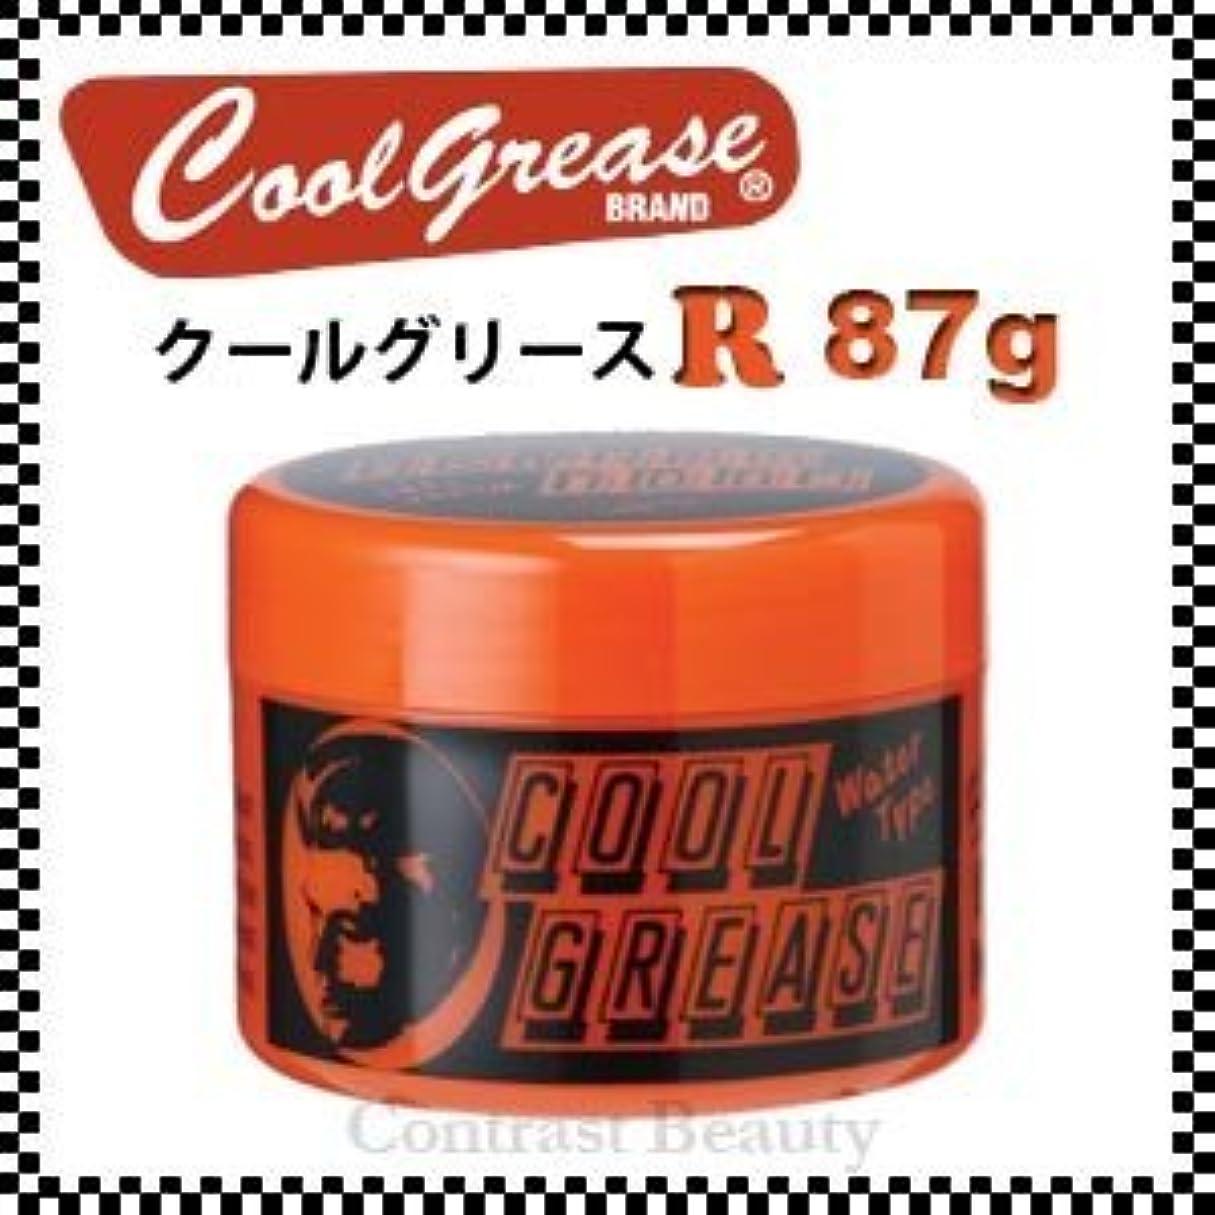 寛大なズームインする寛容な阪本高生堂 クールグリース R 87g